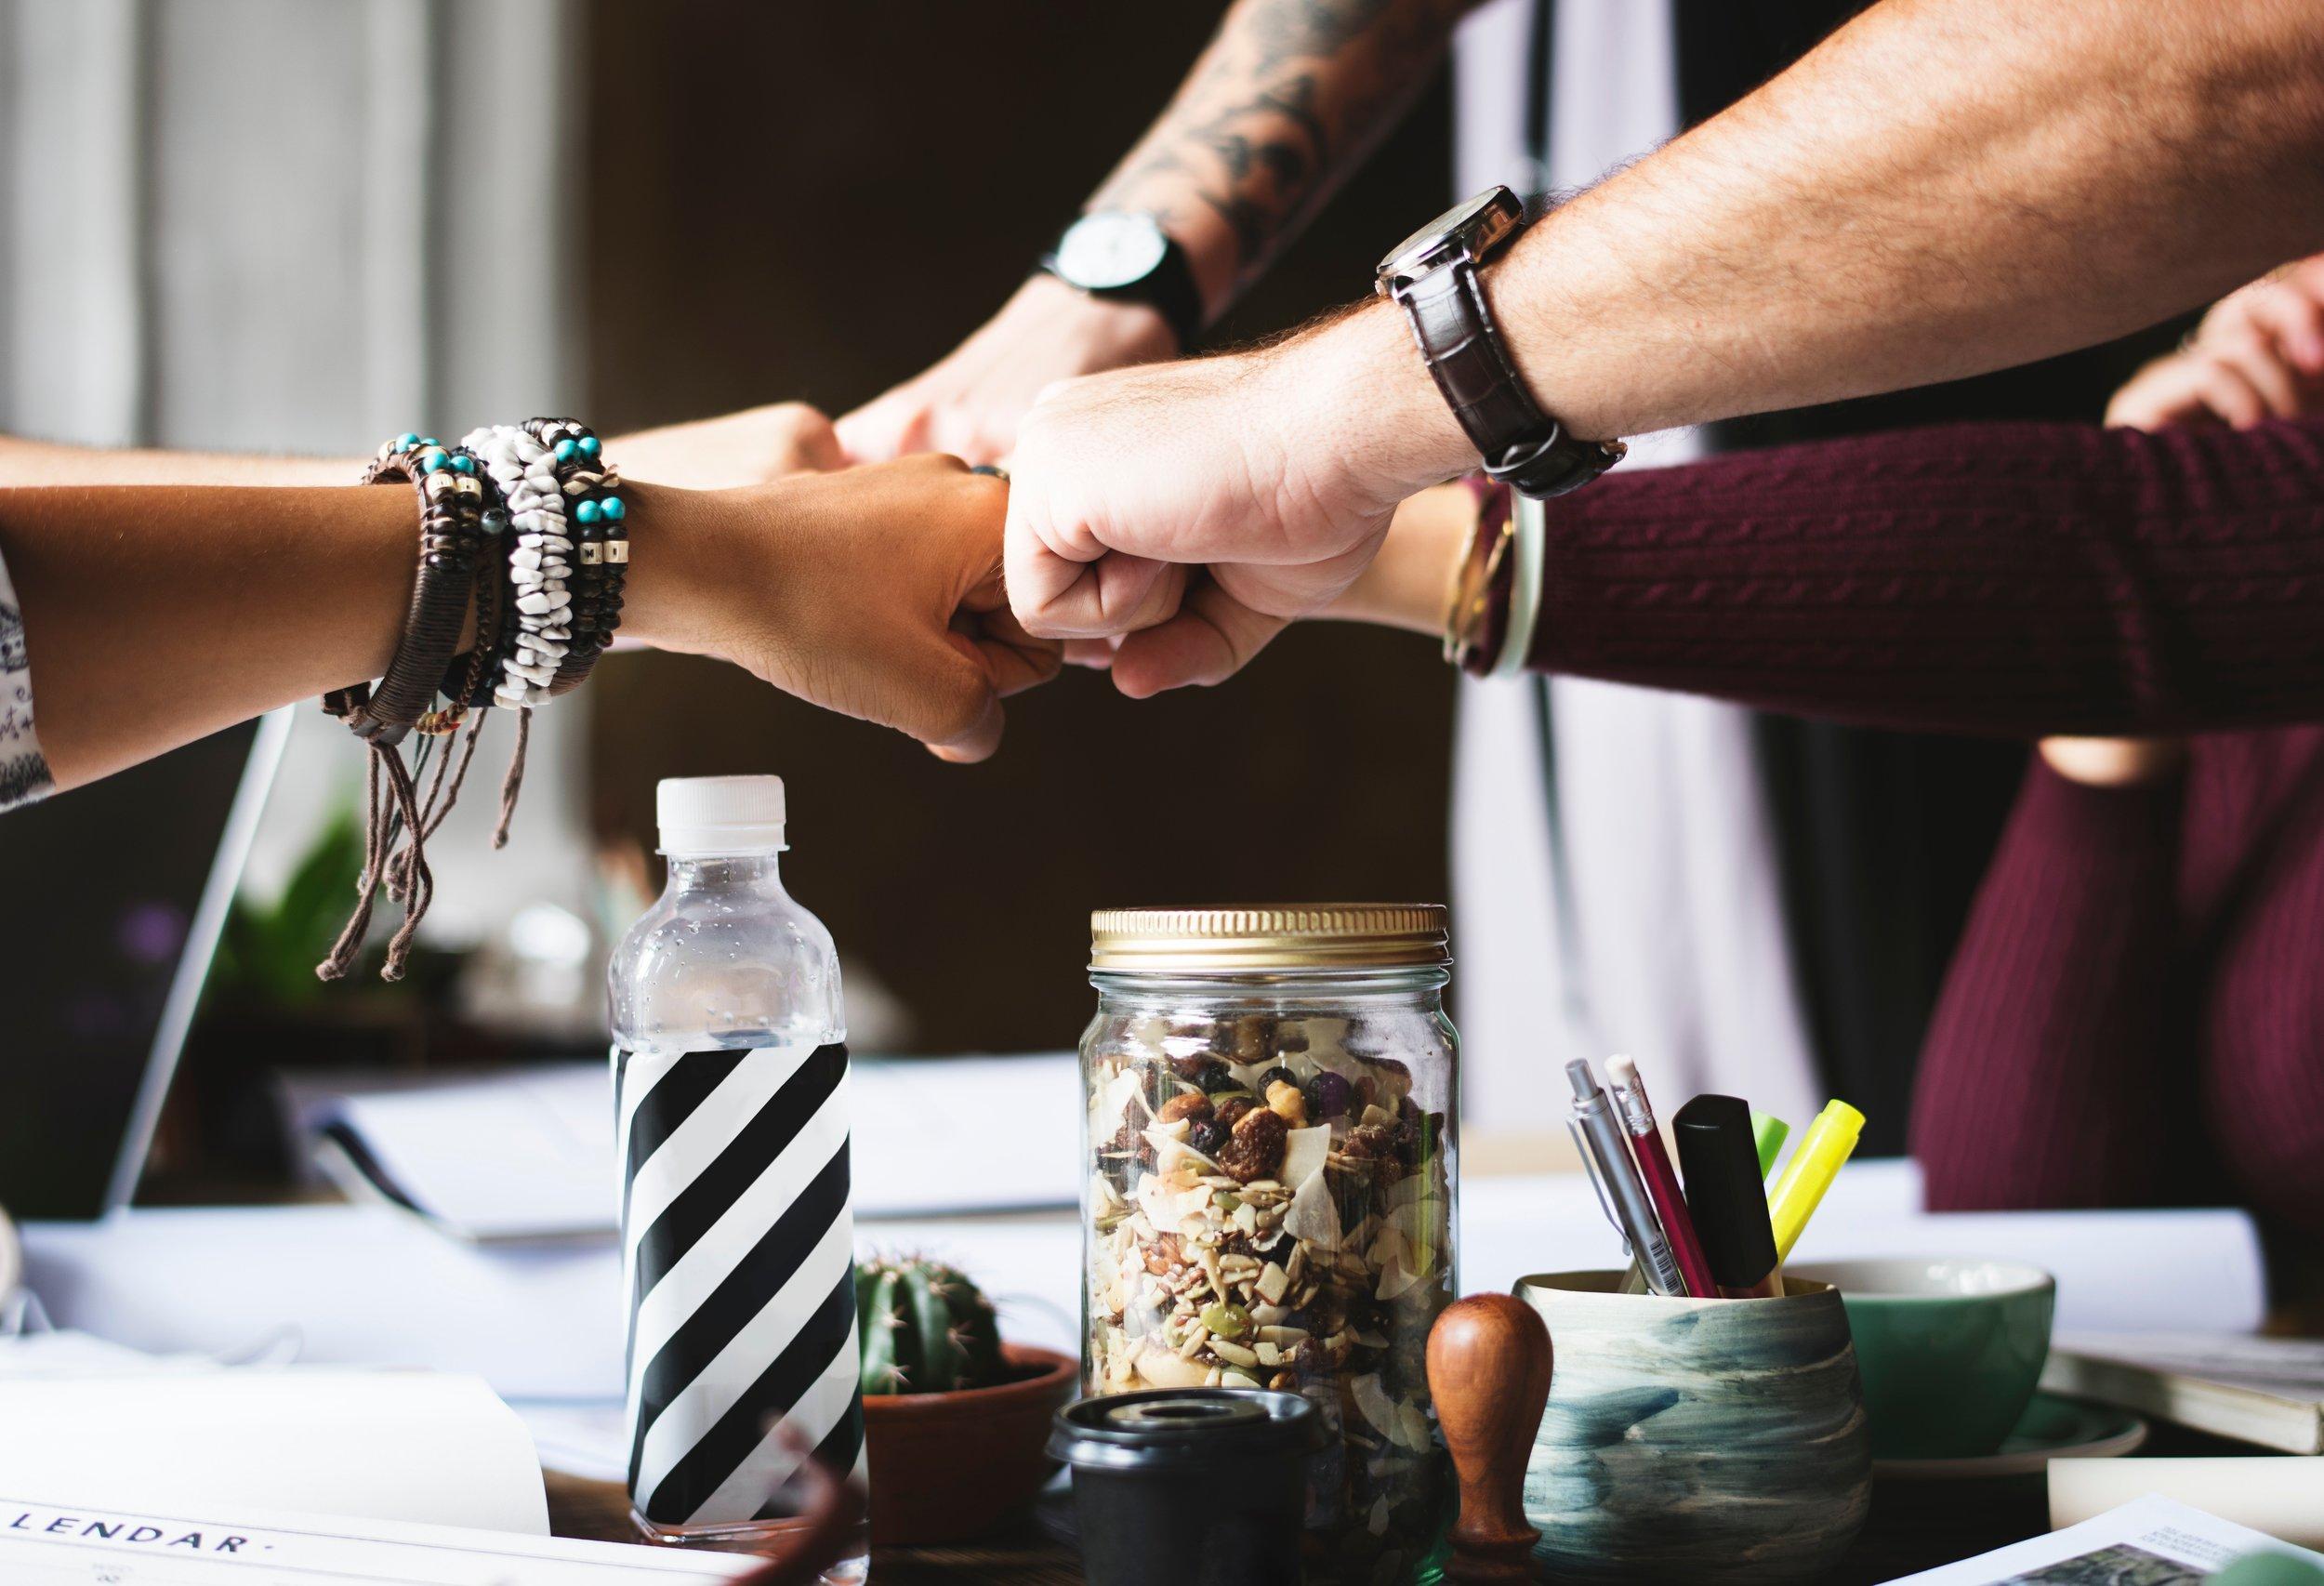 bien-être au travail : une responsabilité partagée